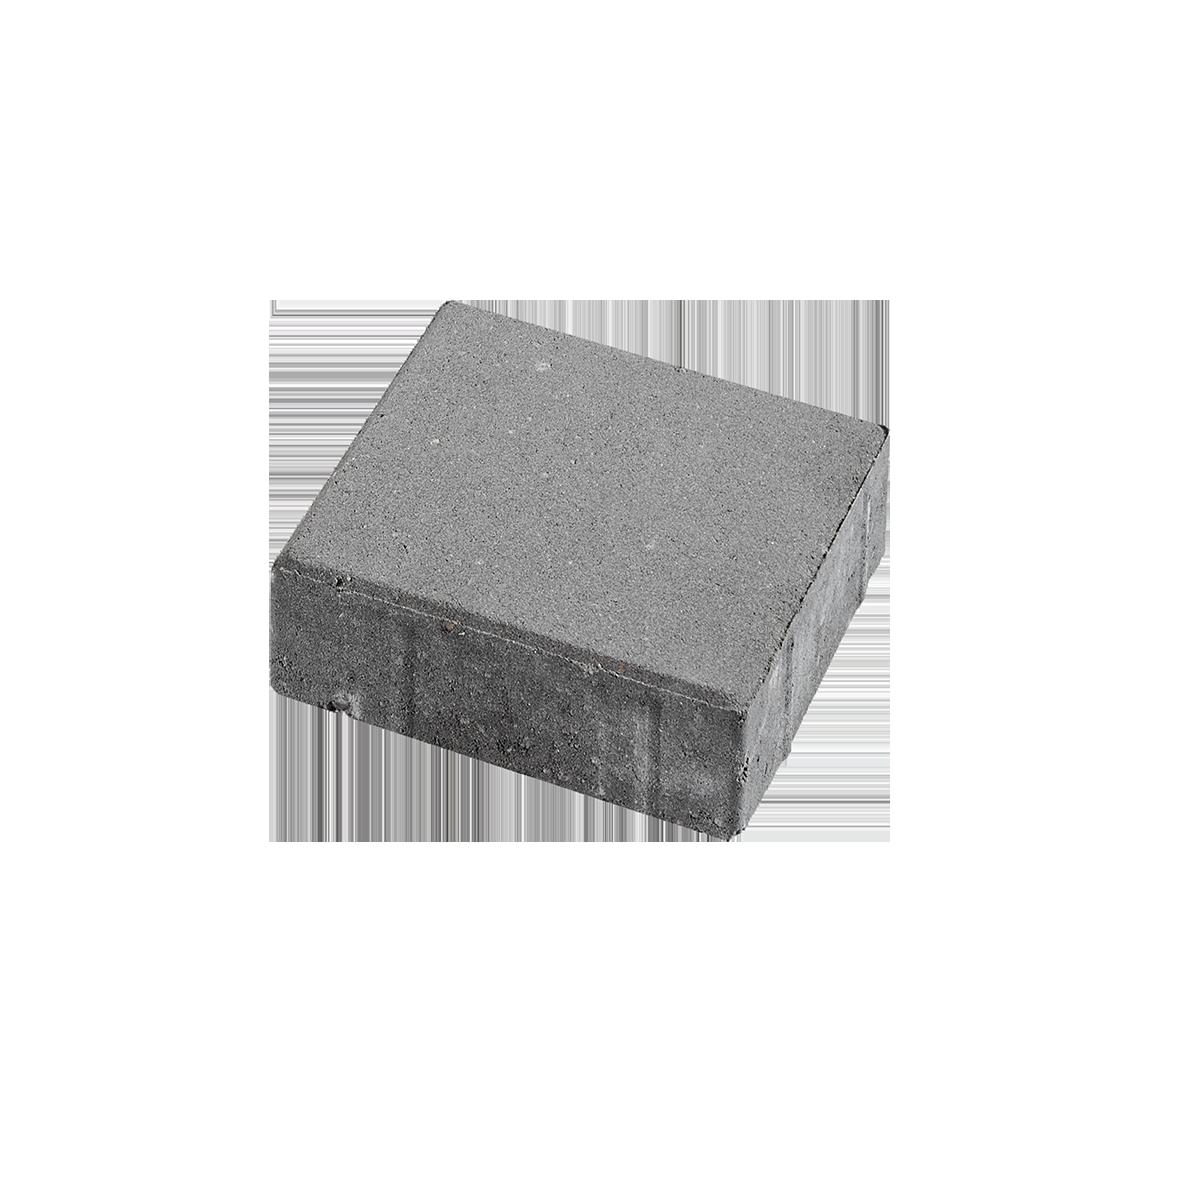 Fliser 20x20x6 cm Grå